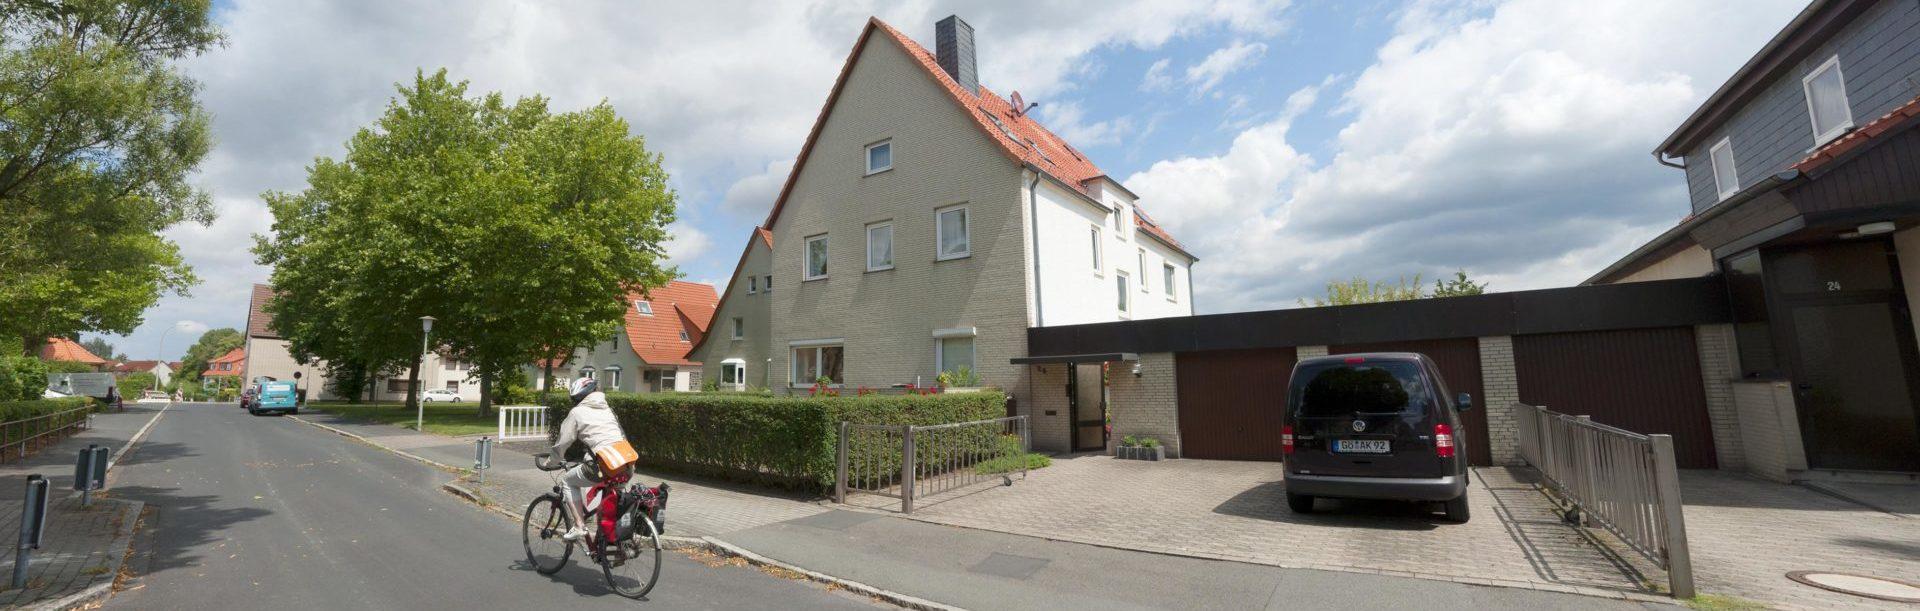 Ferienwohnung Göttingen Aussenansicht